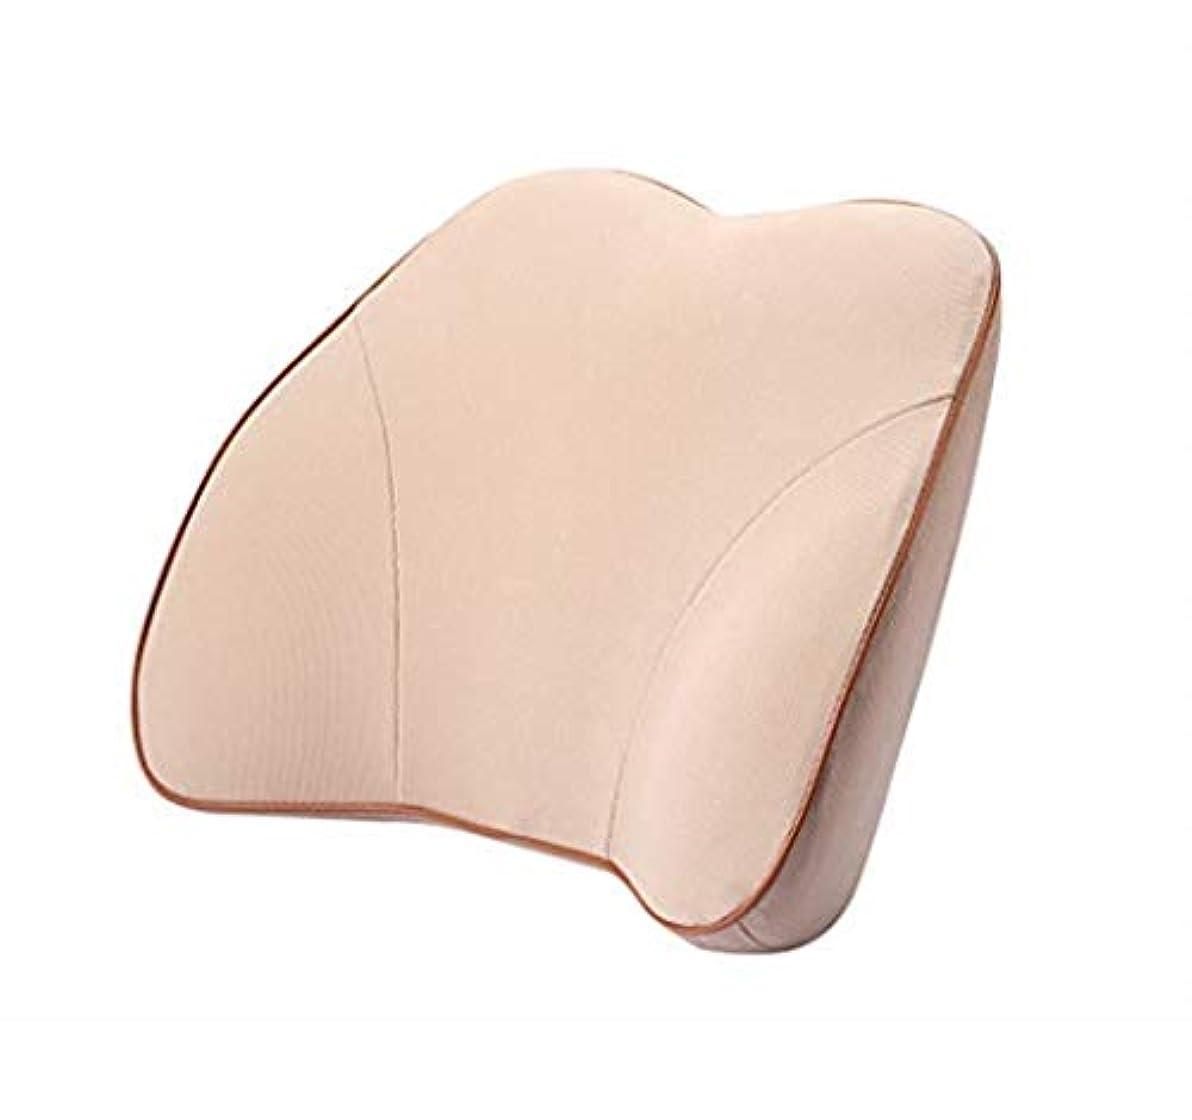 合体子音ラジカル腰椎枕 - 100%低反発腰椎クッション - ポータブル枕 - 整形外科ウエストサポート枕 - 車のオフィスチェア - 長距離運転オフィスに適した腰痛緩和 (Color : Beige)